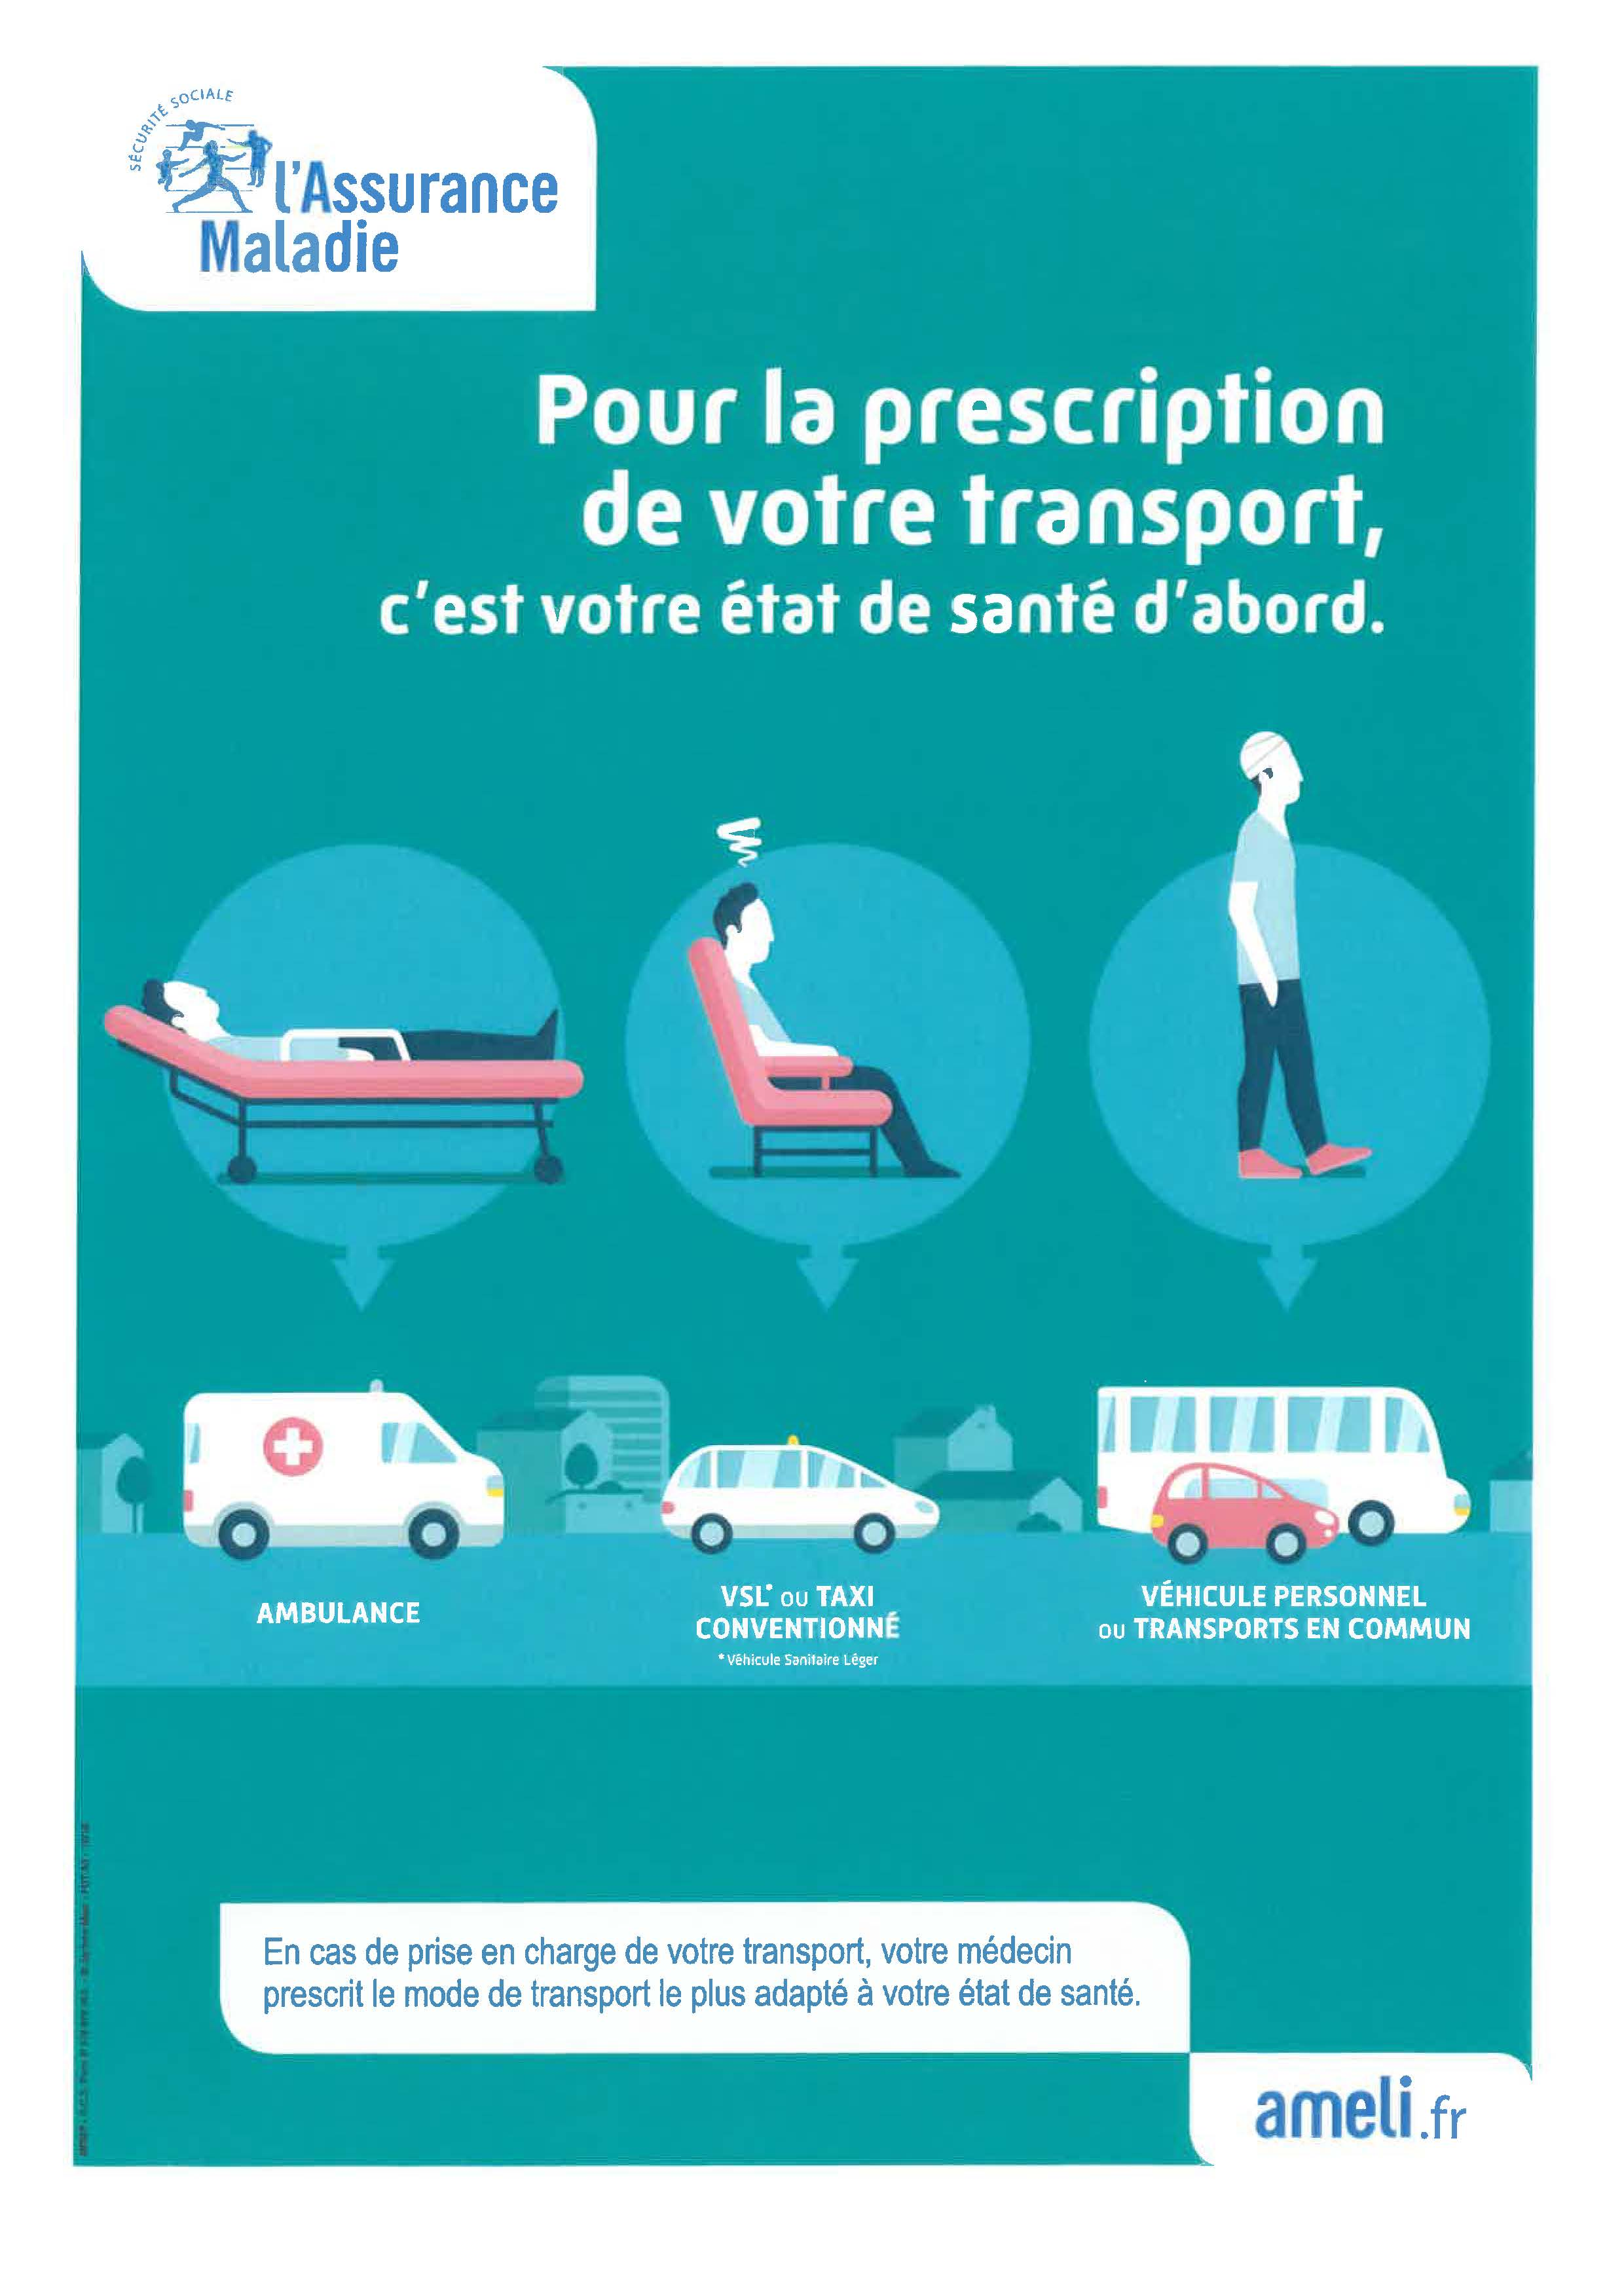 Affiche Ameli sur les prescriptions de transport 69e733ff5363